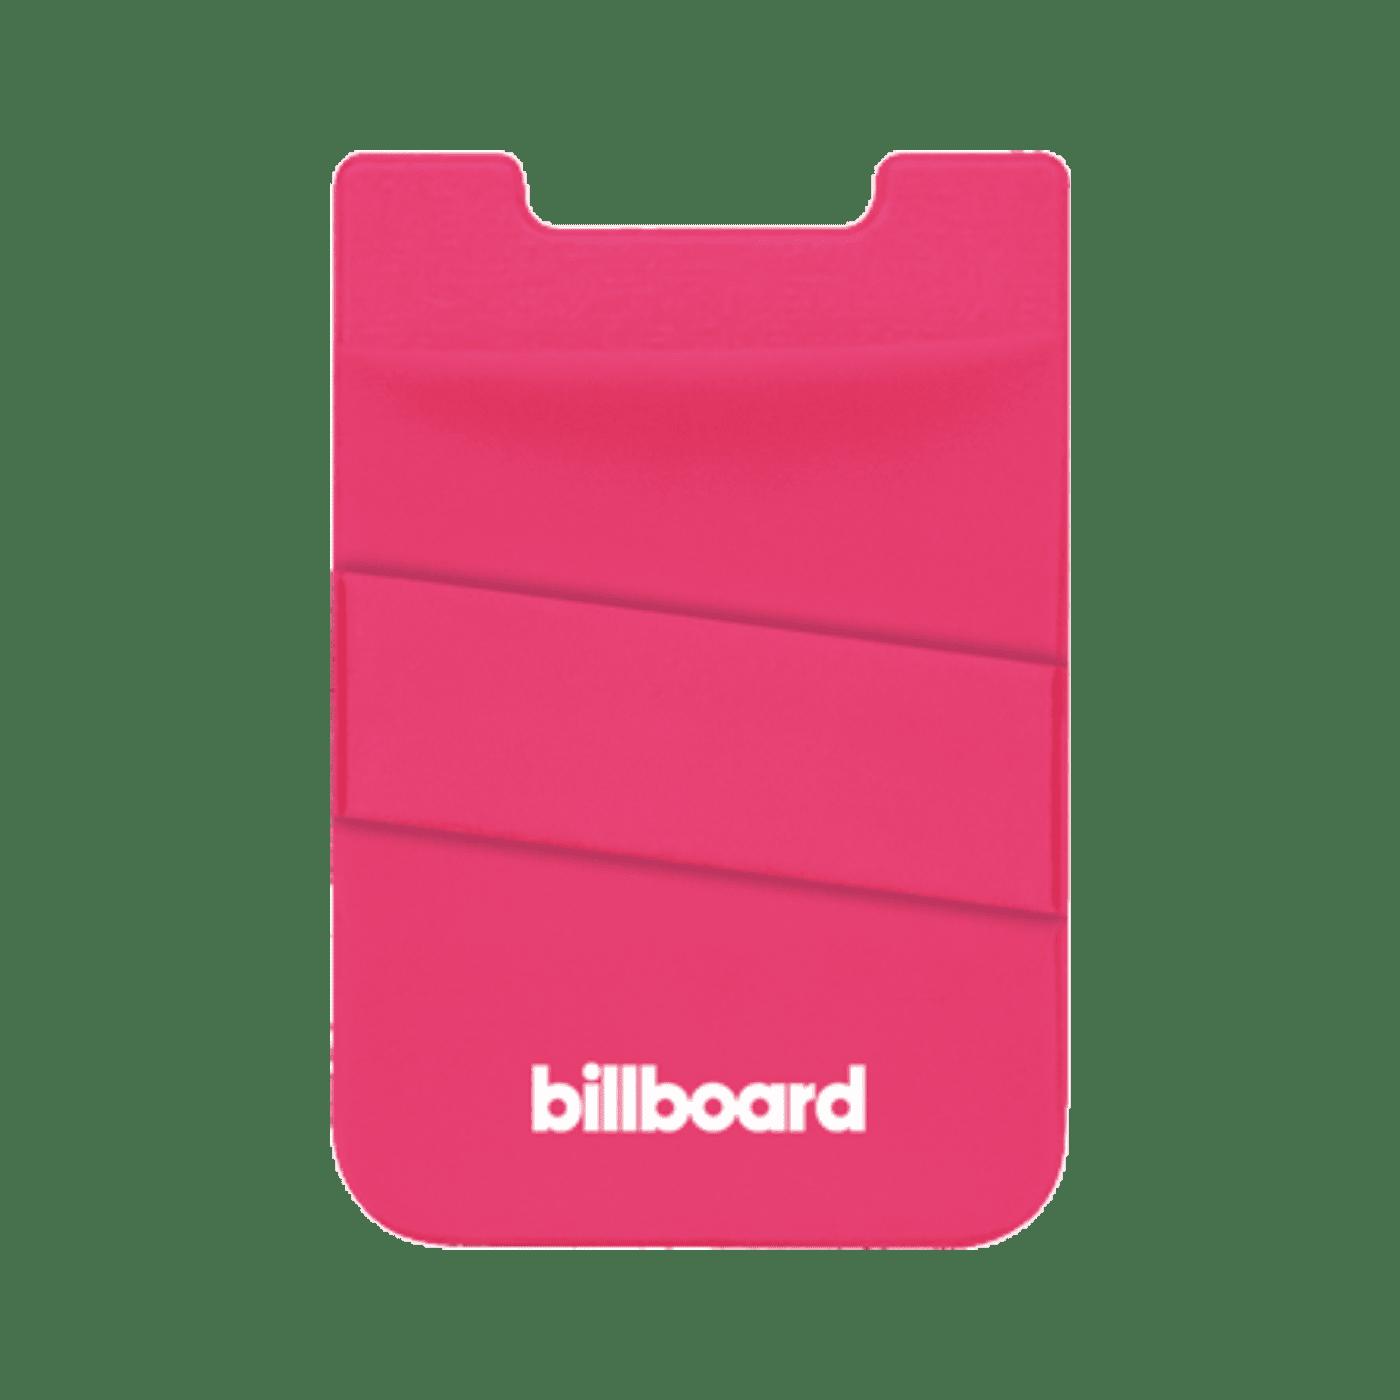 Billboard Adhesive Wallet/ Card Holder For Smartphones Pink